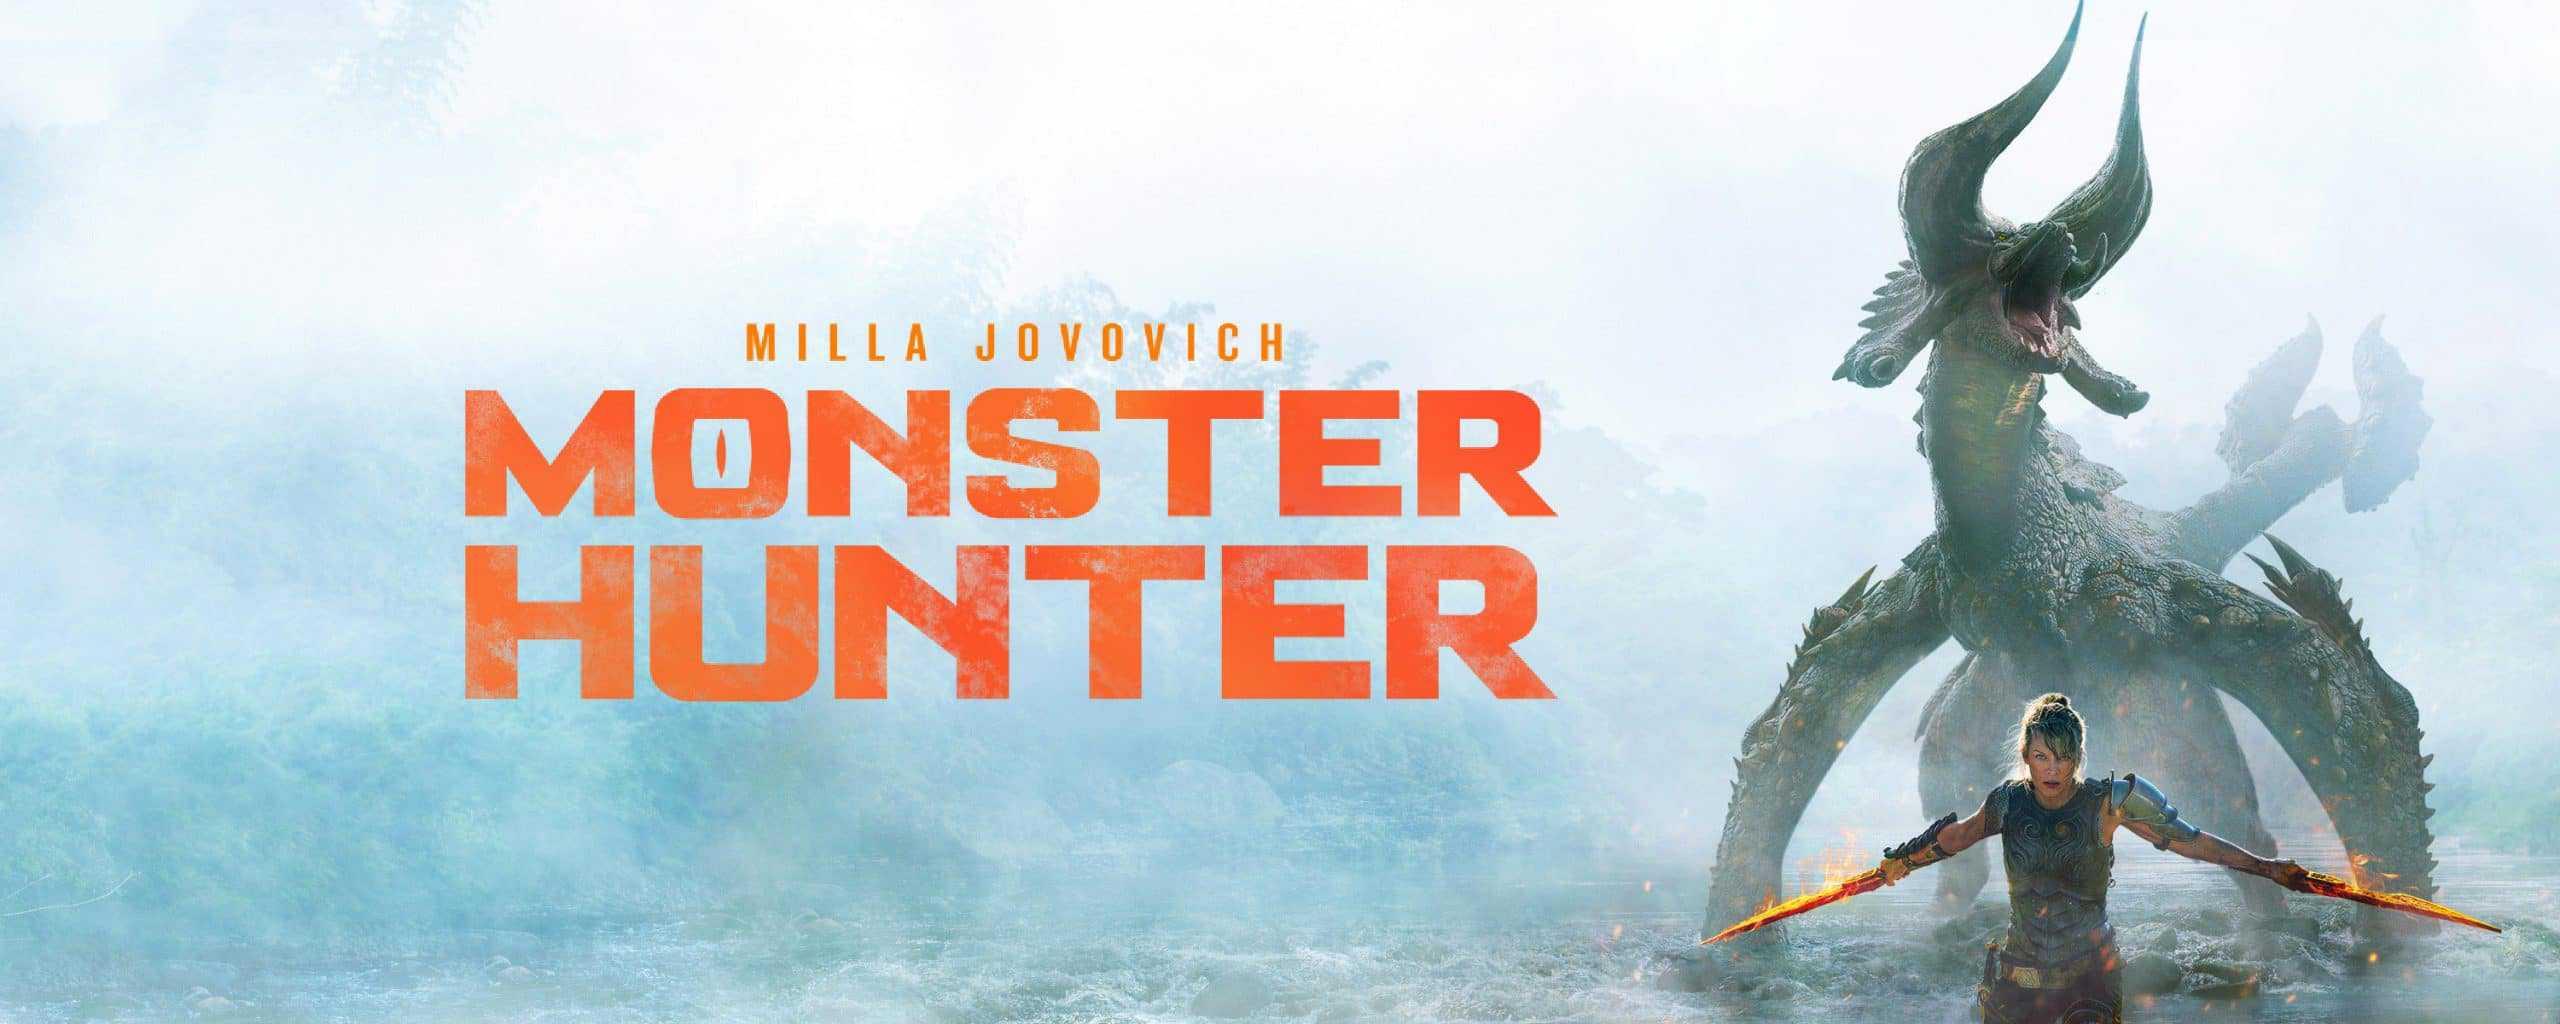 Monster Hunter Banner2